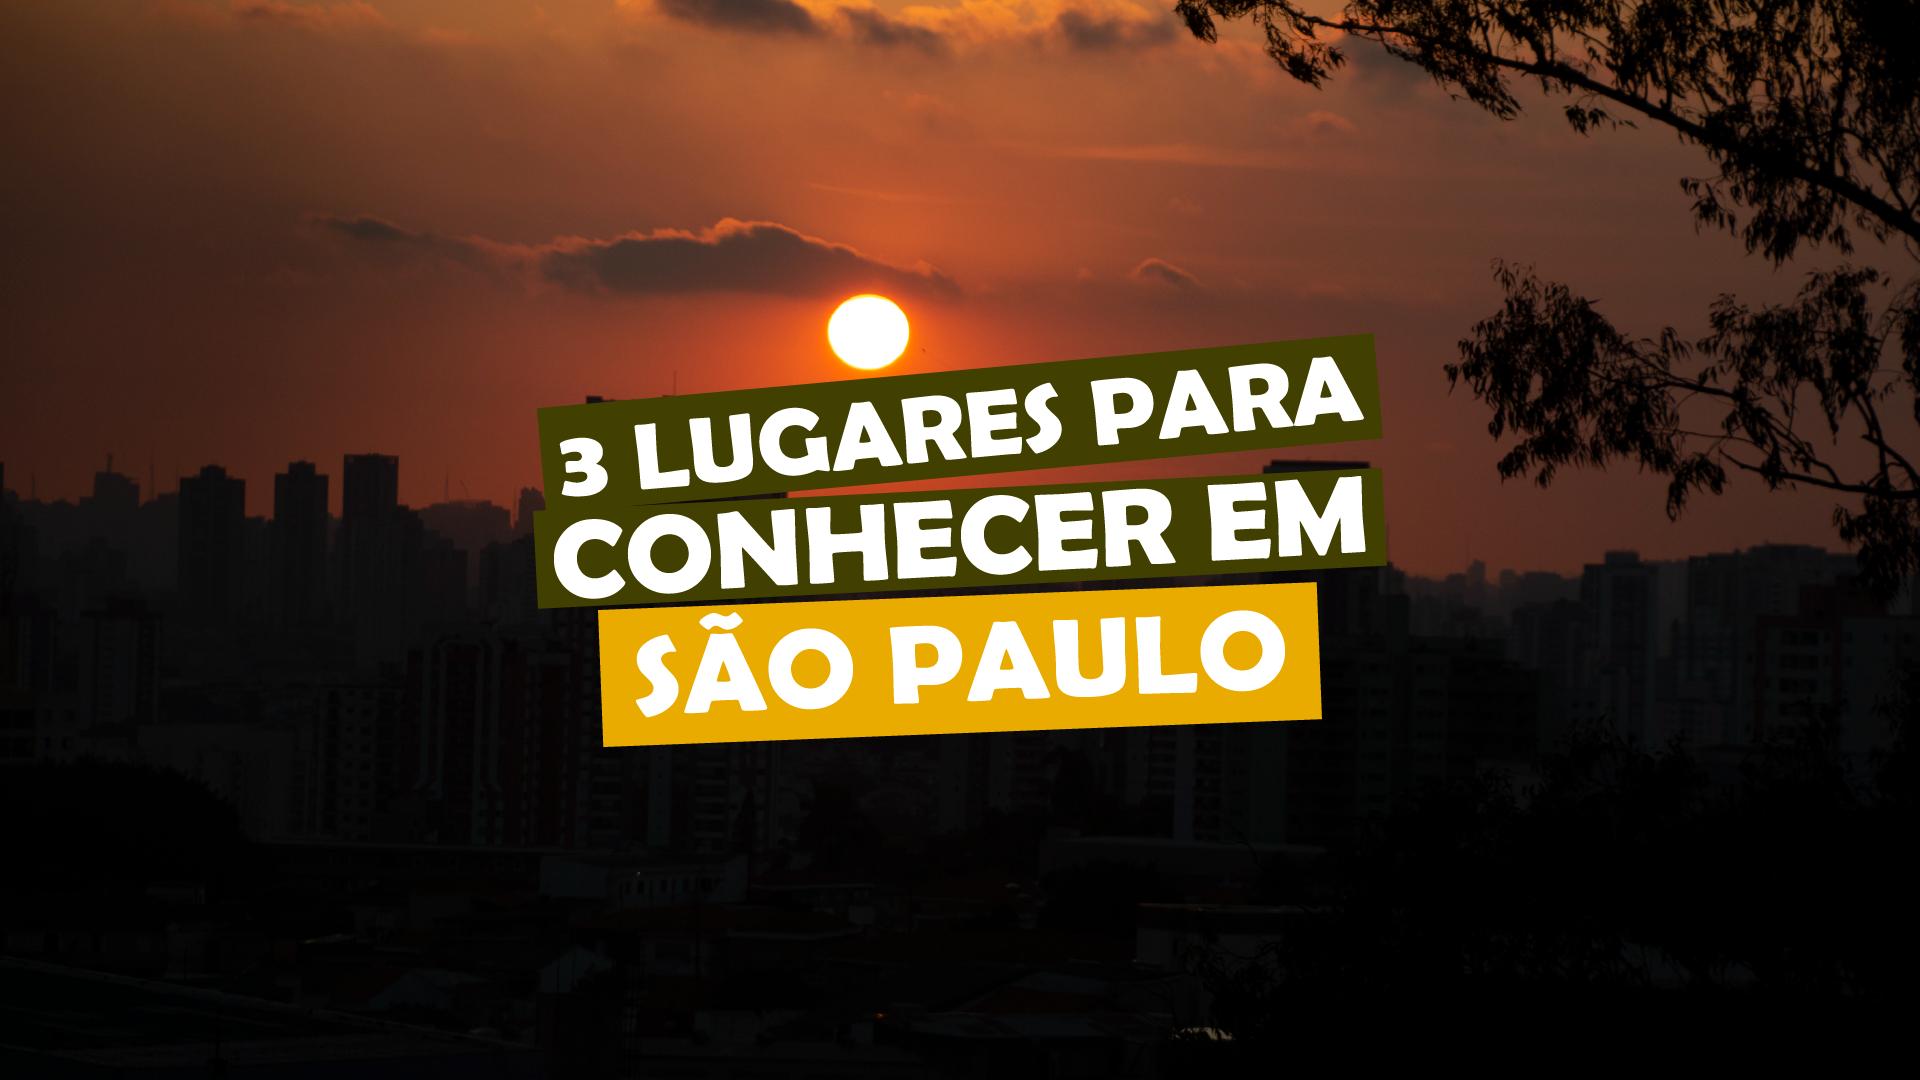 You are currently viewing 3 Lugares para conhecer em São Paulo